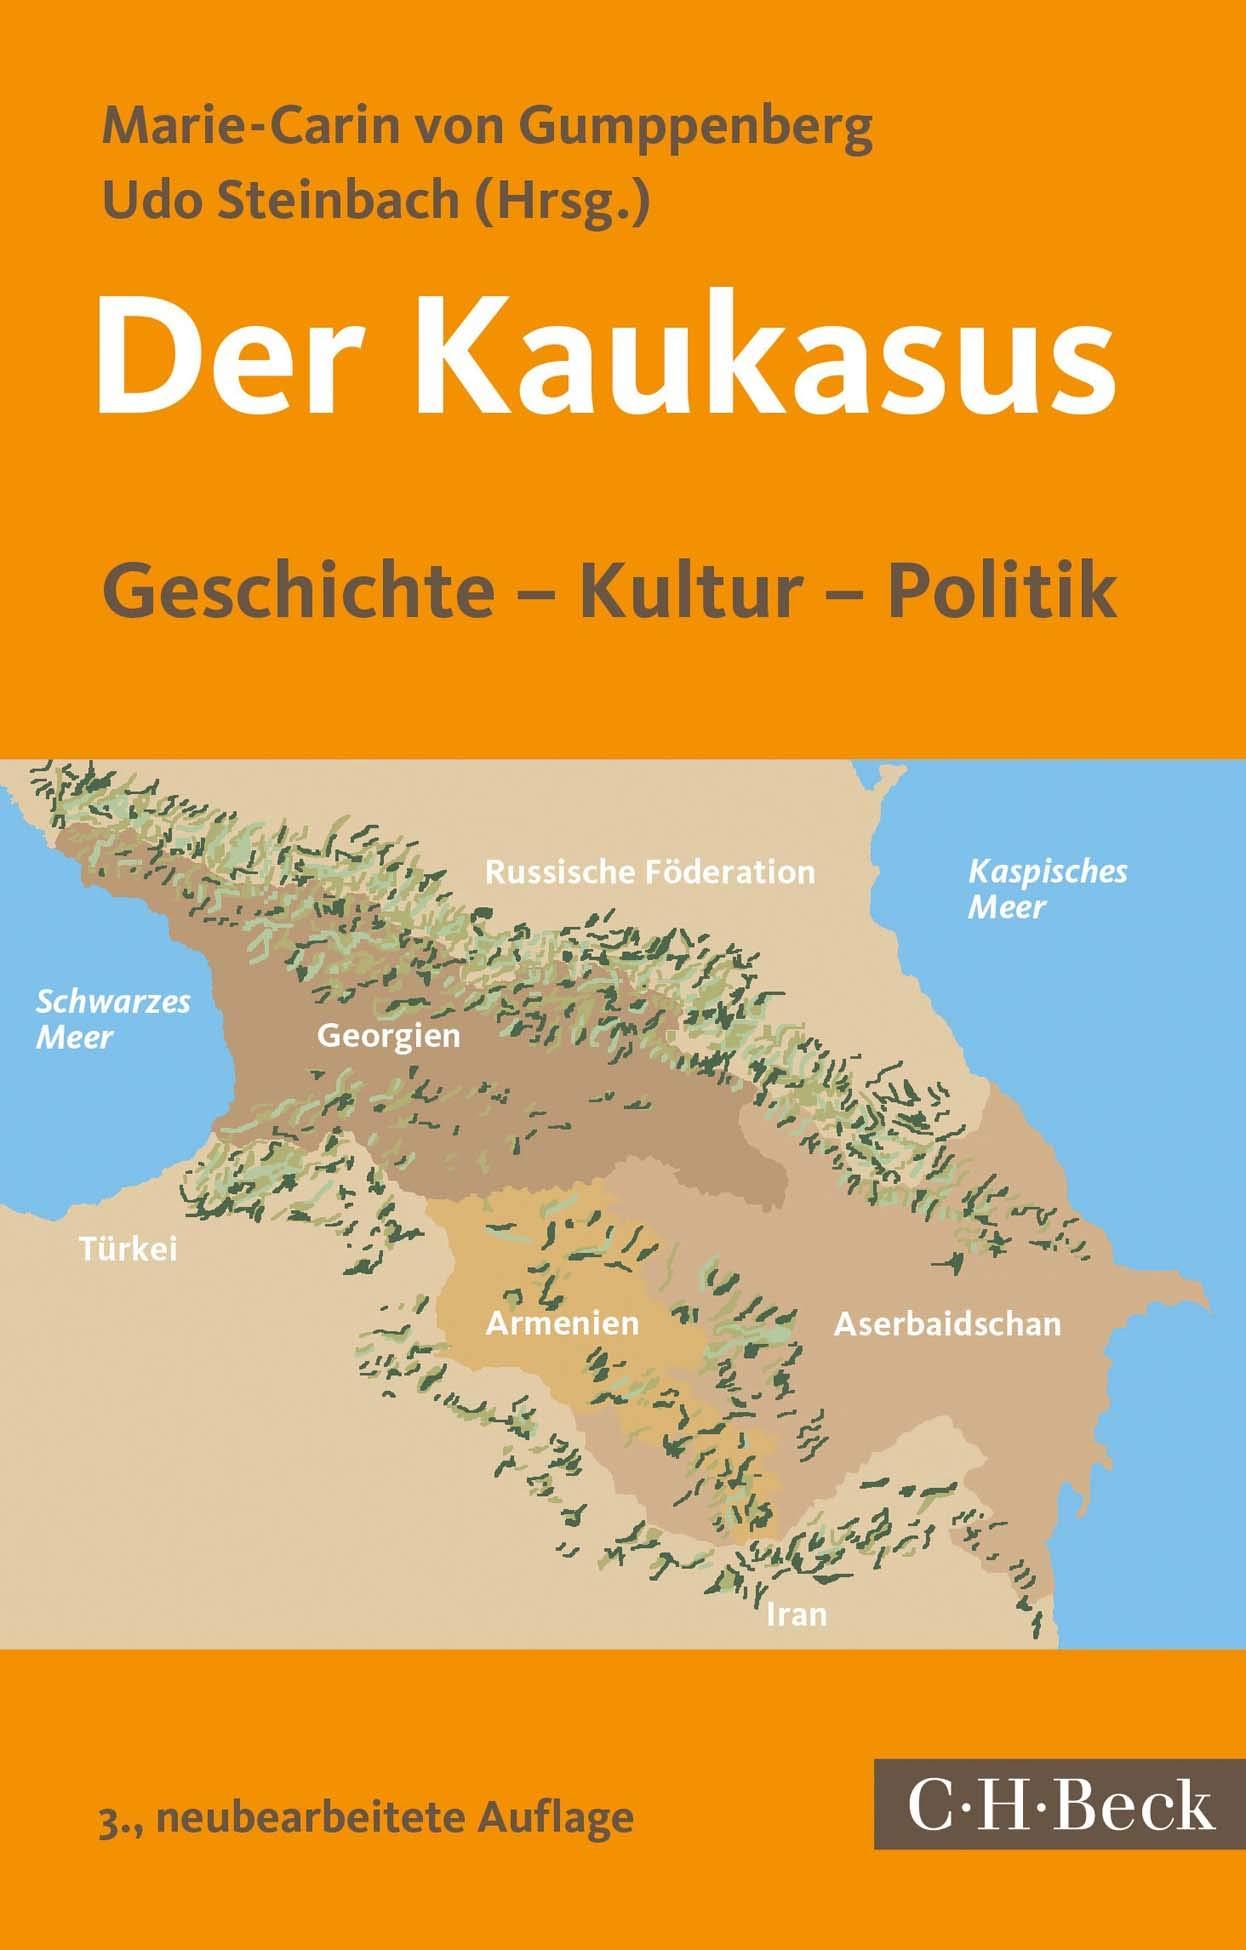 Der Kaukasus Geschichte Kultur Politik Amazon De Gumppenberg Marie Carin Von Steinbach Udo Bucher